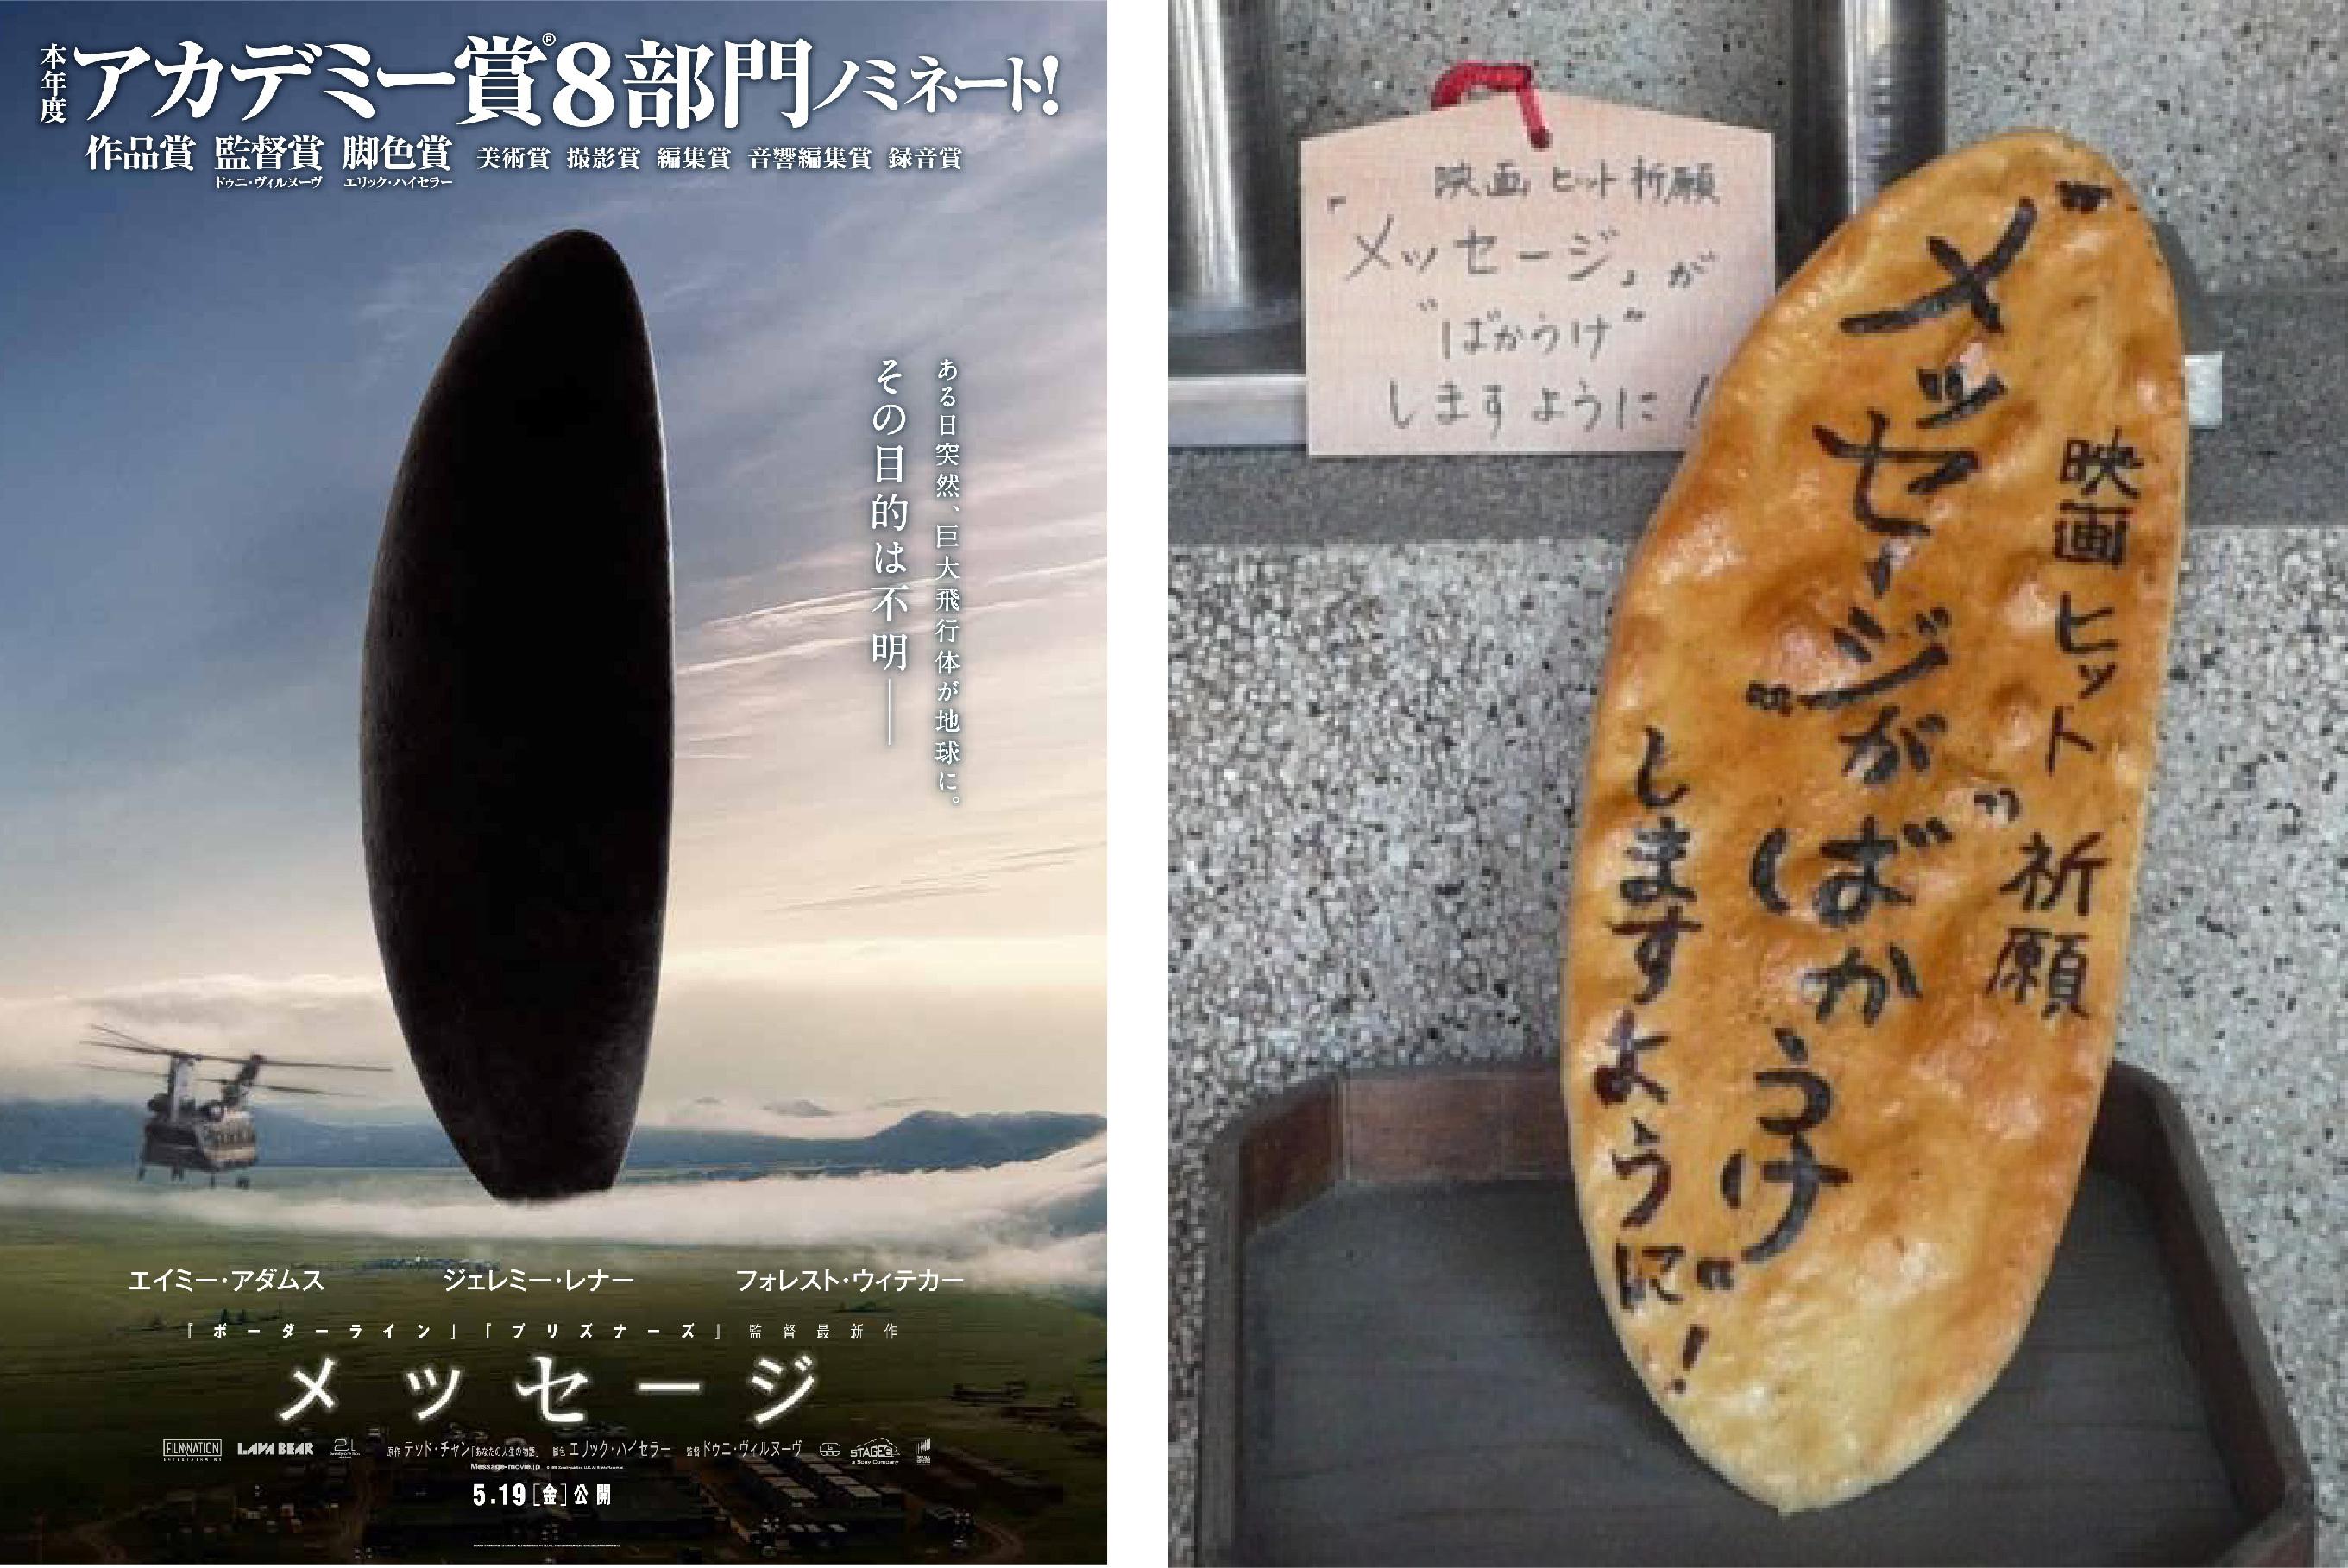 映画『メッセージ』の飛行体(左)とばかうけ絵馬(右) 栗山米菓公式サイトより